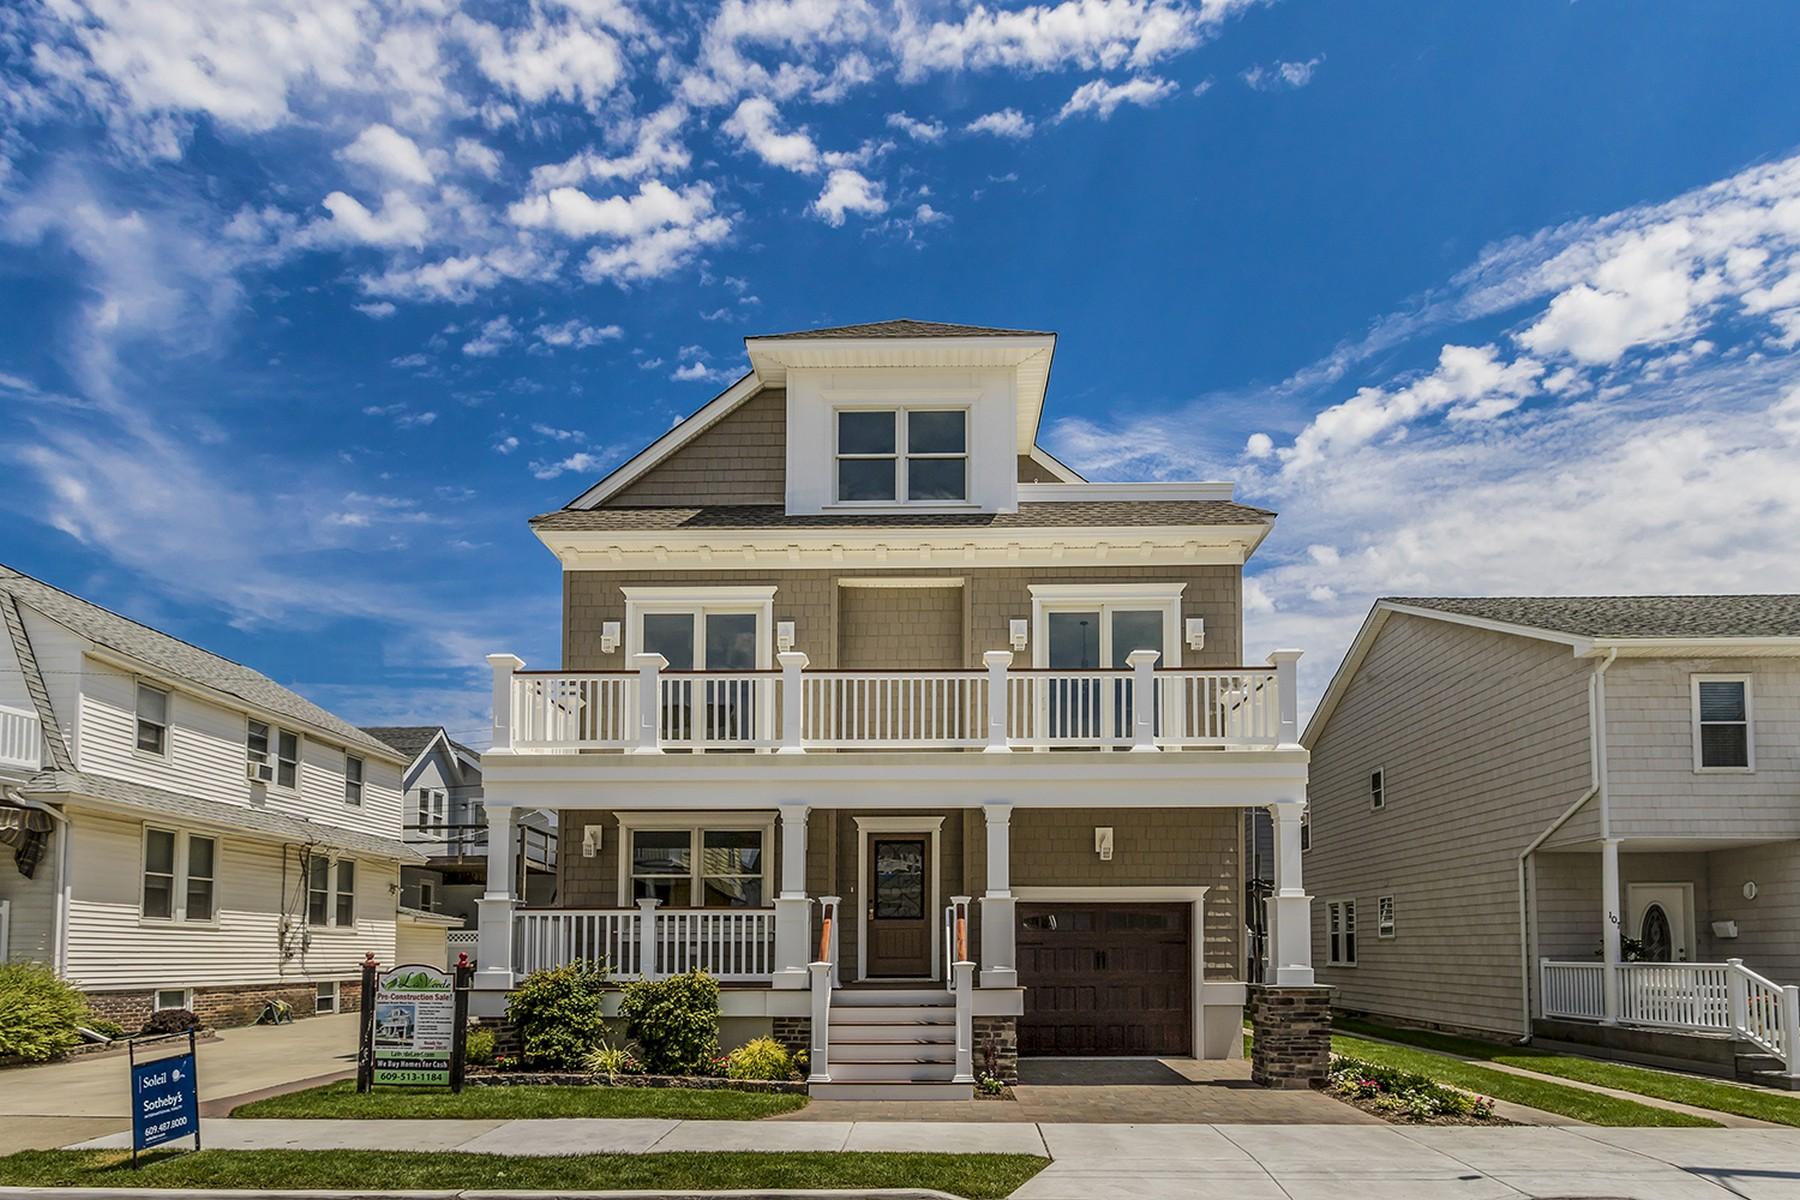 独户住宅 为 销售 在 105 S Troy Ave. 文特诺, 新泽西州 08406 美国